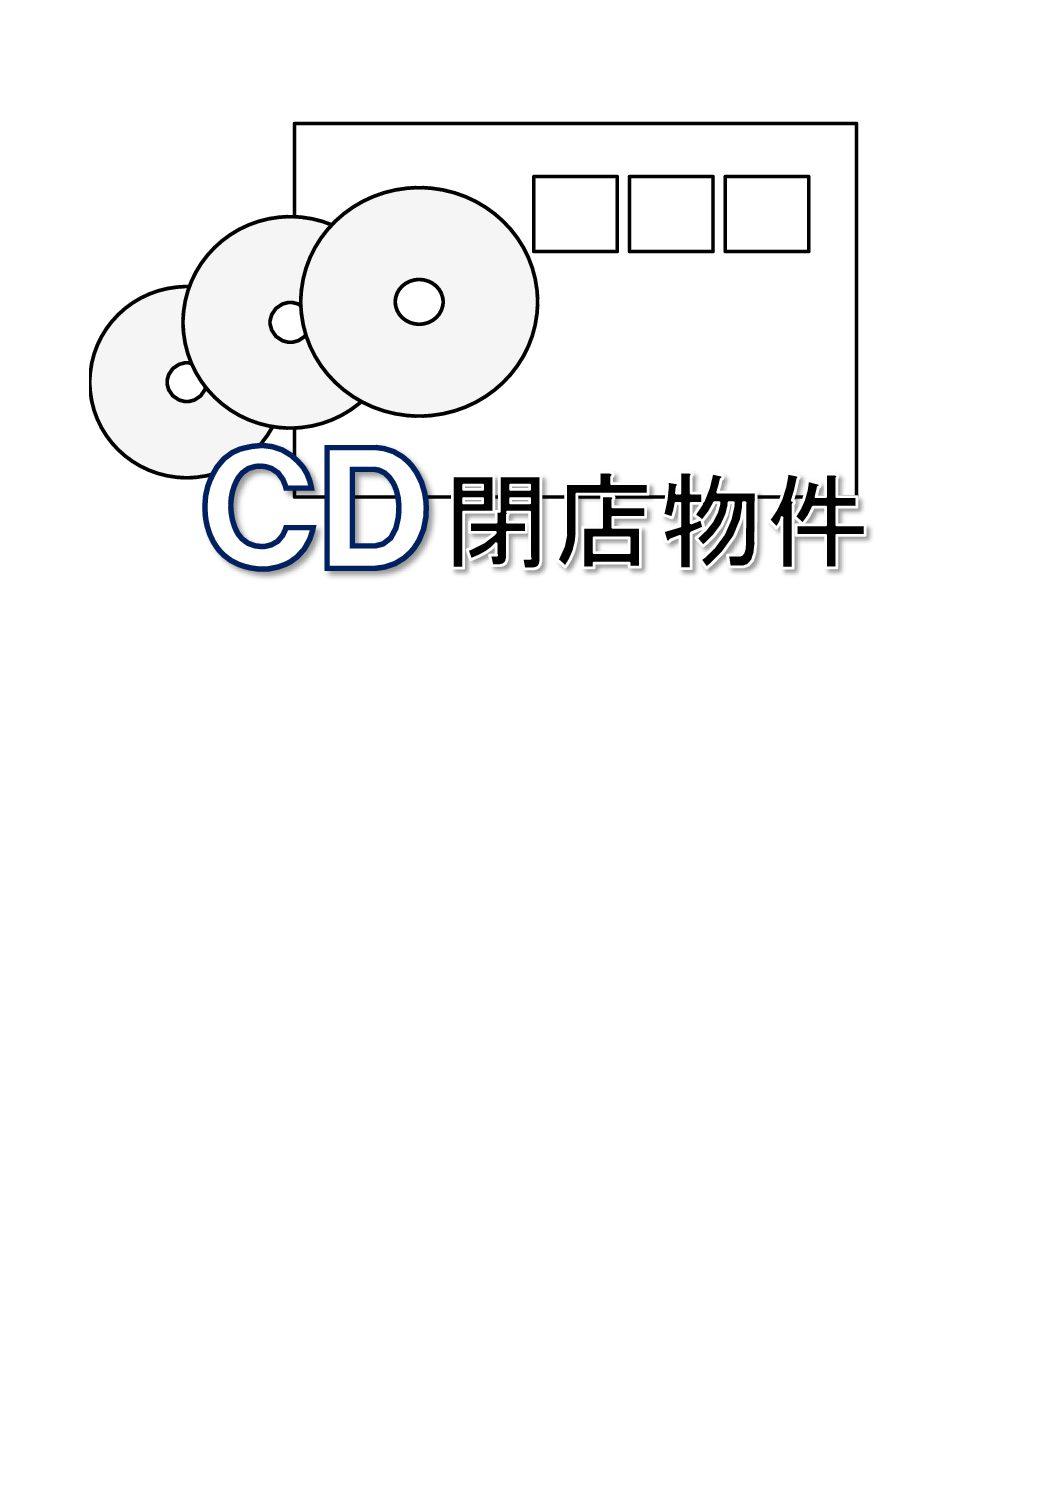 【NEW】閉店物件 レンタル用中古CD 【c-12-9-1】